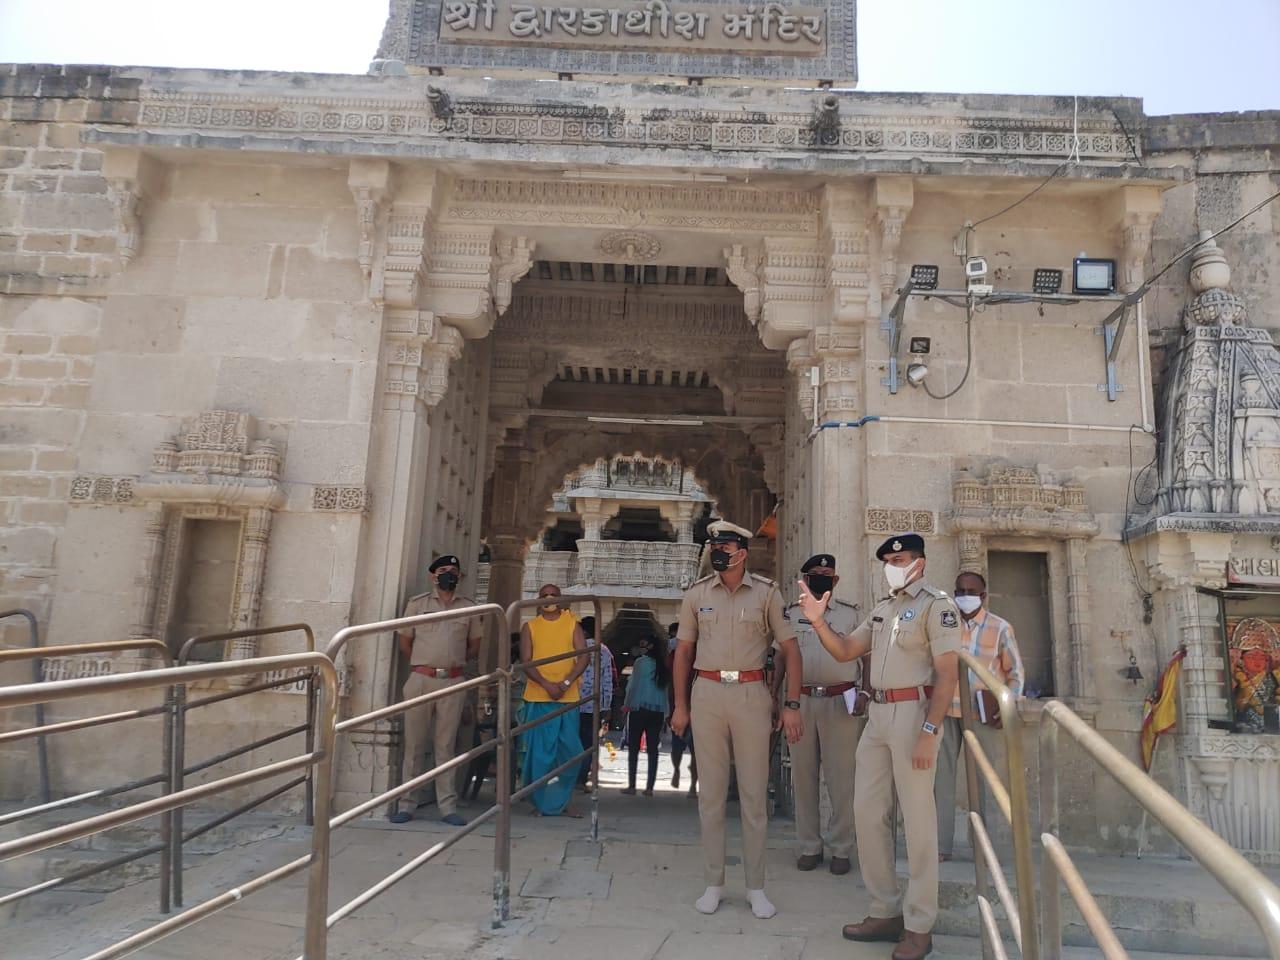 દ્વારકાધીશ મંદિર ત્રણ દિવસ માટે બંધ રાખવામાં આવ્યું, ફૂલડોલ ઉત્સવ સાદગીપૂર્વક ઉજવાશે જામનગર,Jamnagar - Divya Bhaskar